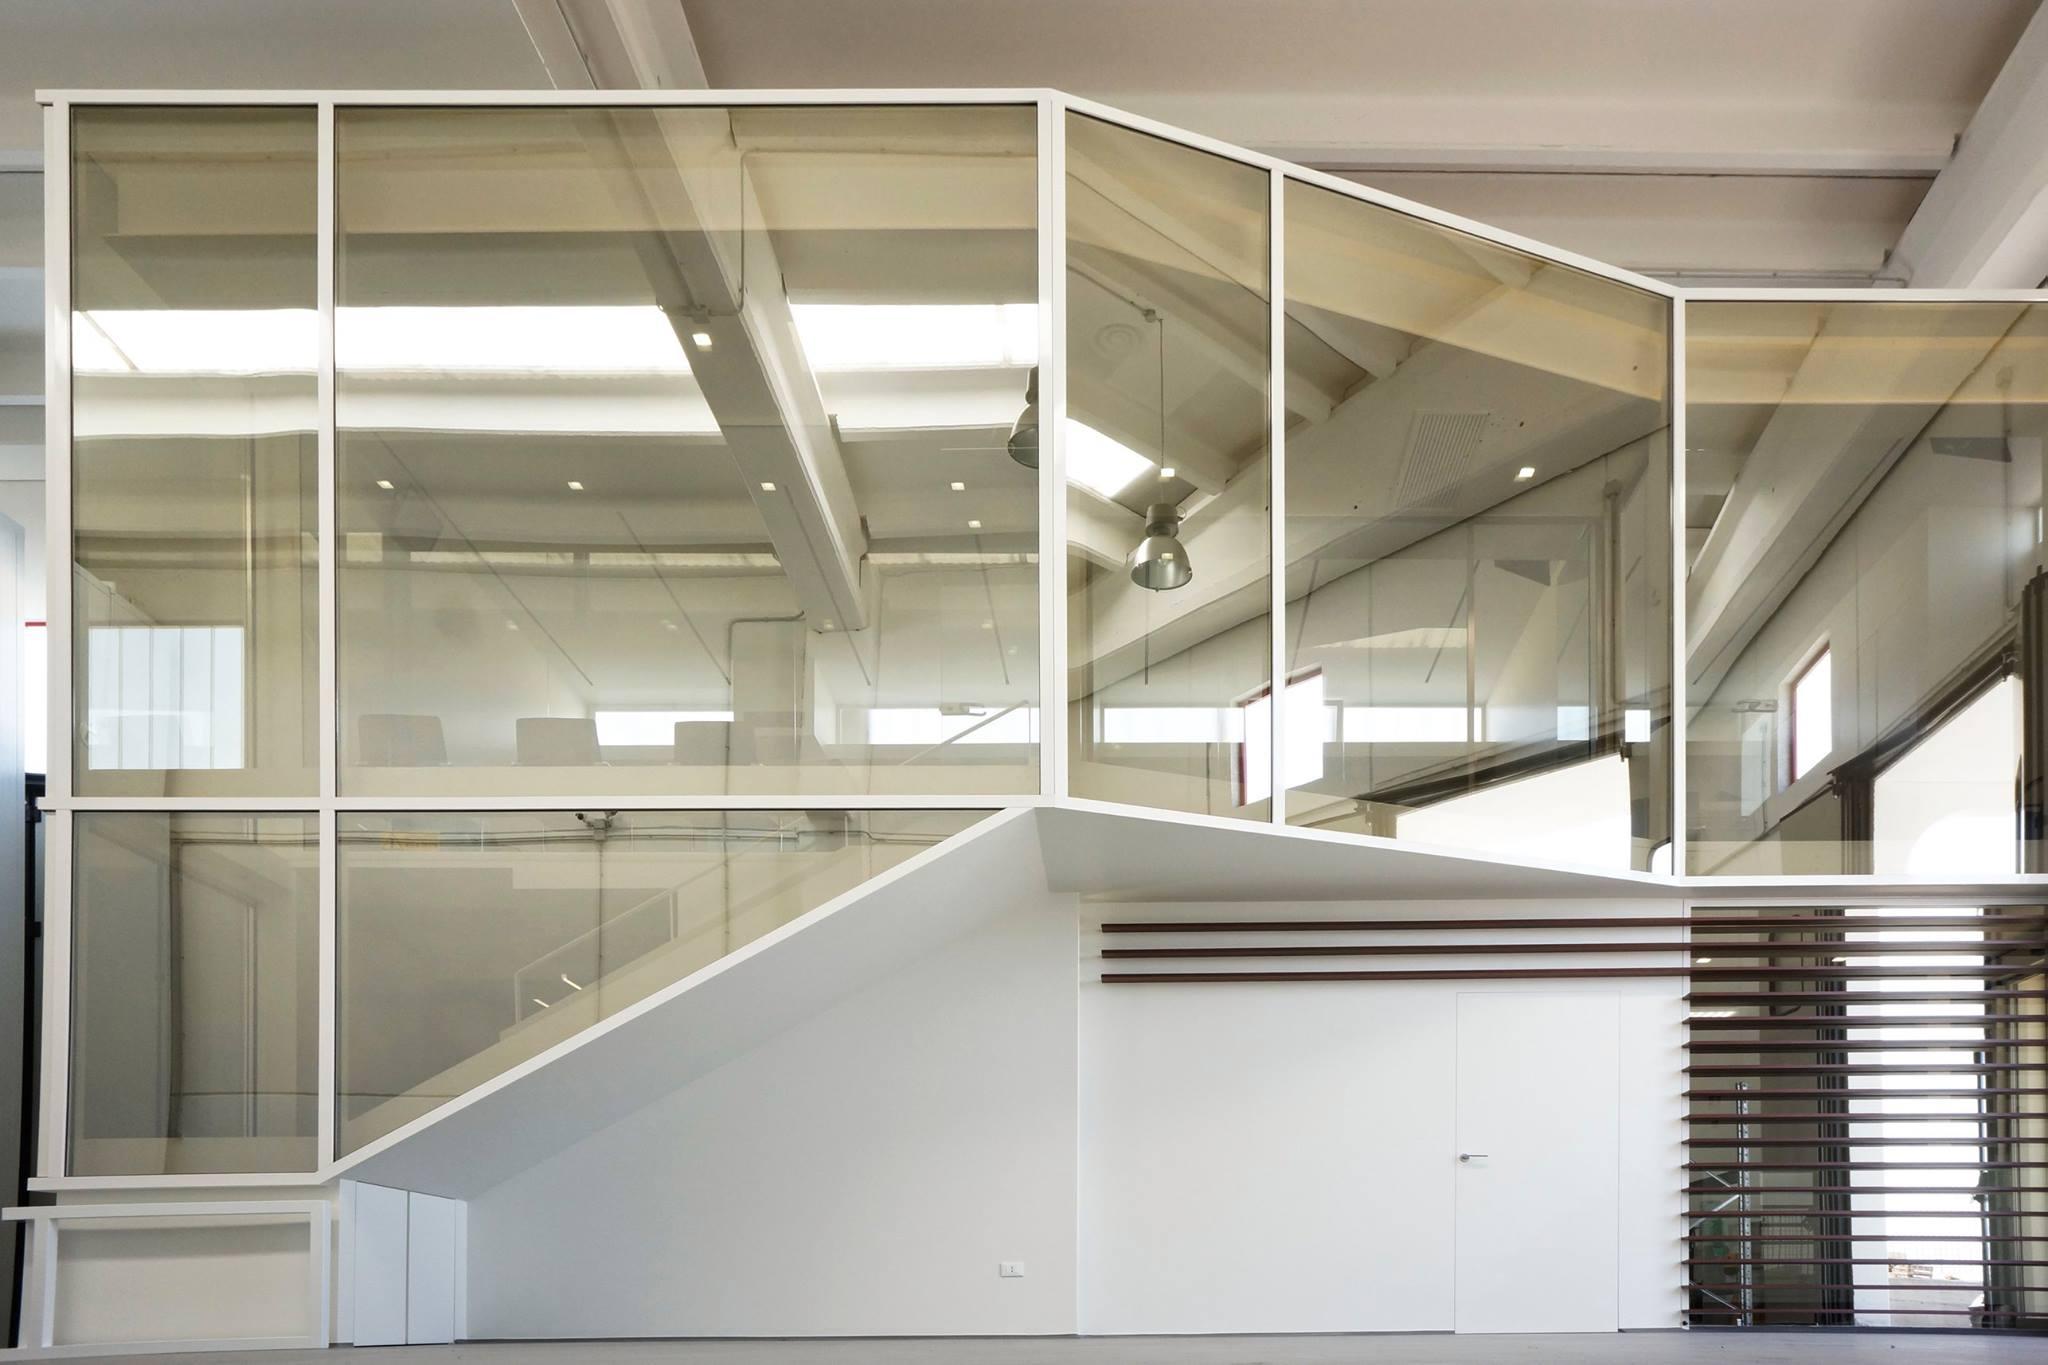 Ufficio Progetti Architetti Associati : Lufficio come scatola nella scatola: michelangelo olivieri per